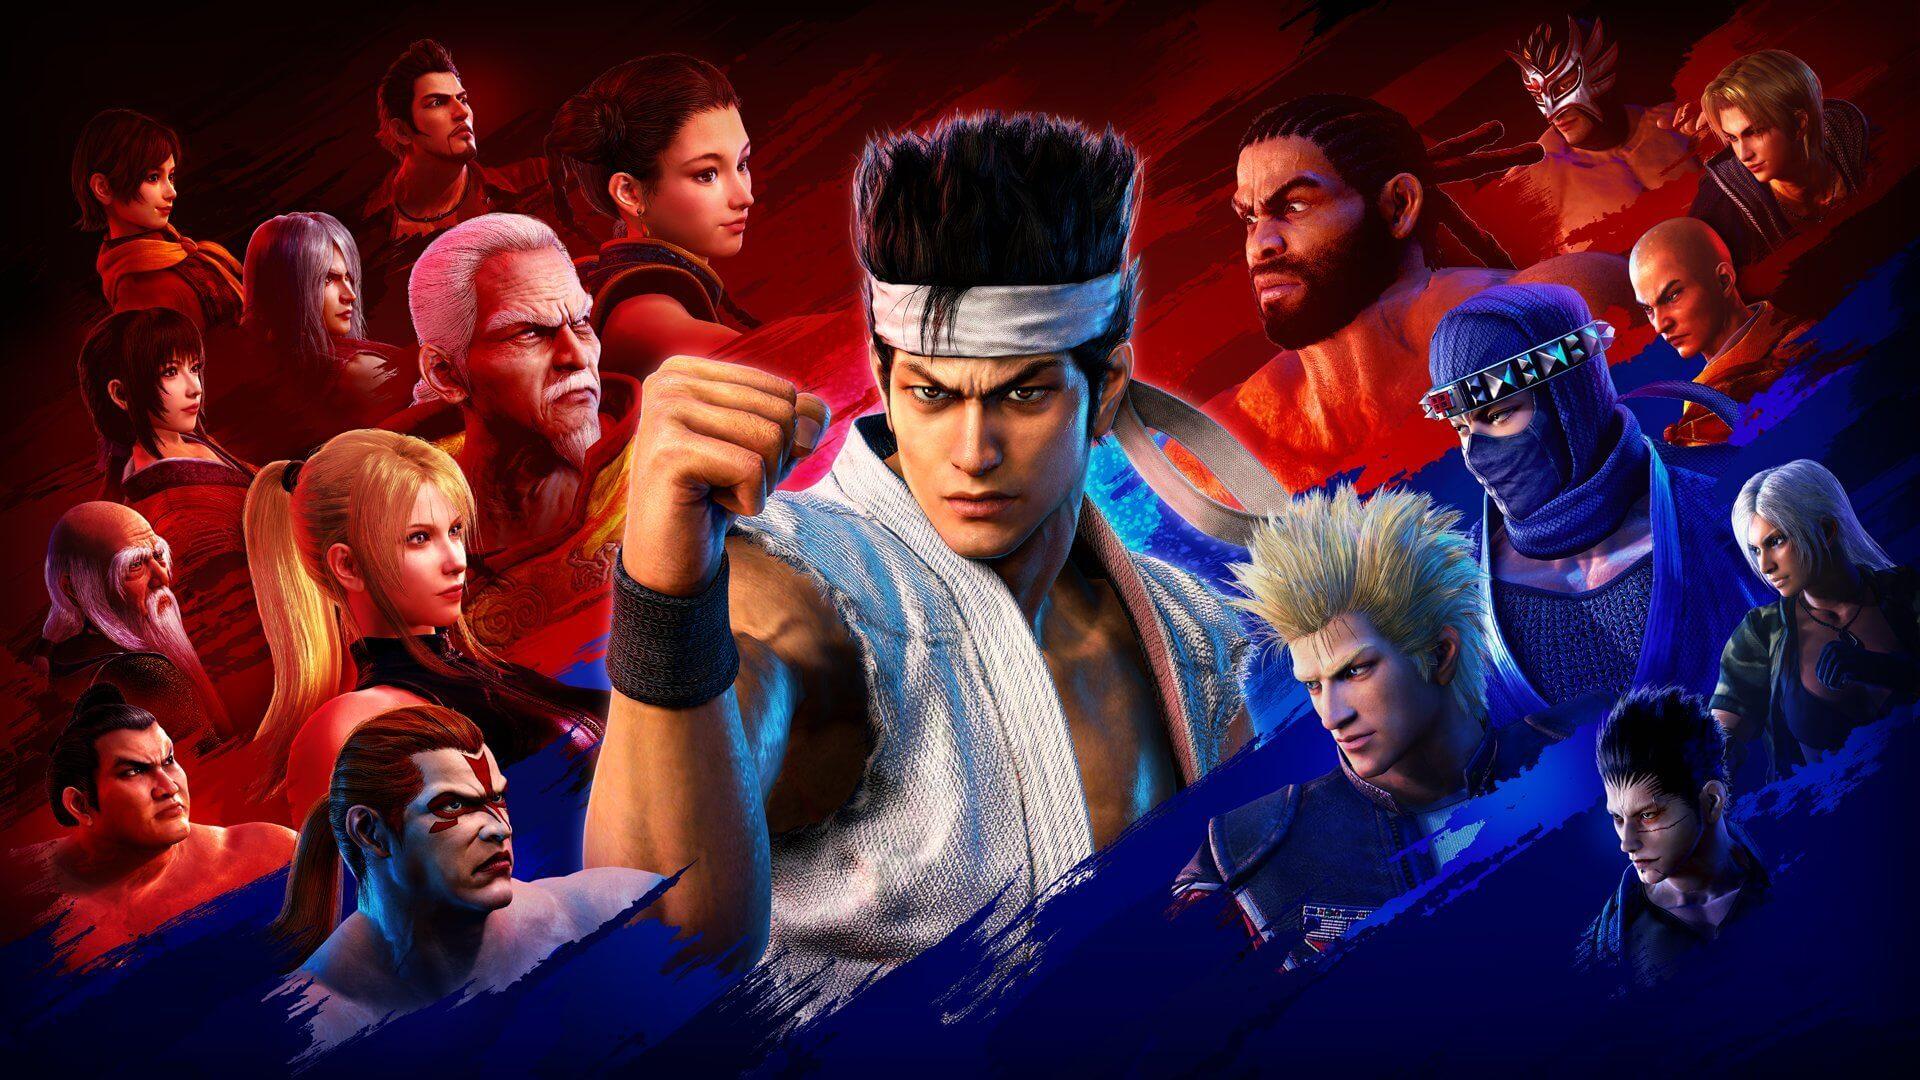 Virtua Fighter 5: Ultimate Showdown Free PC Download